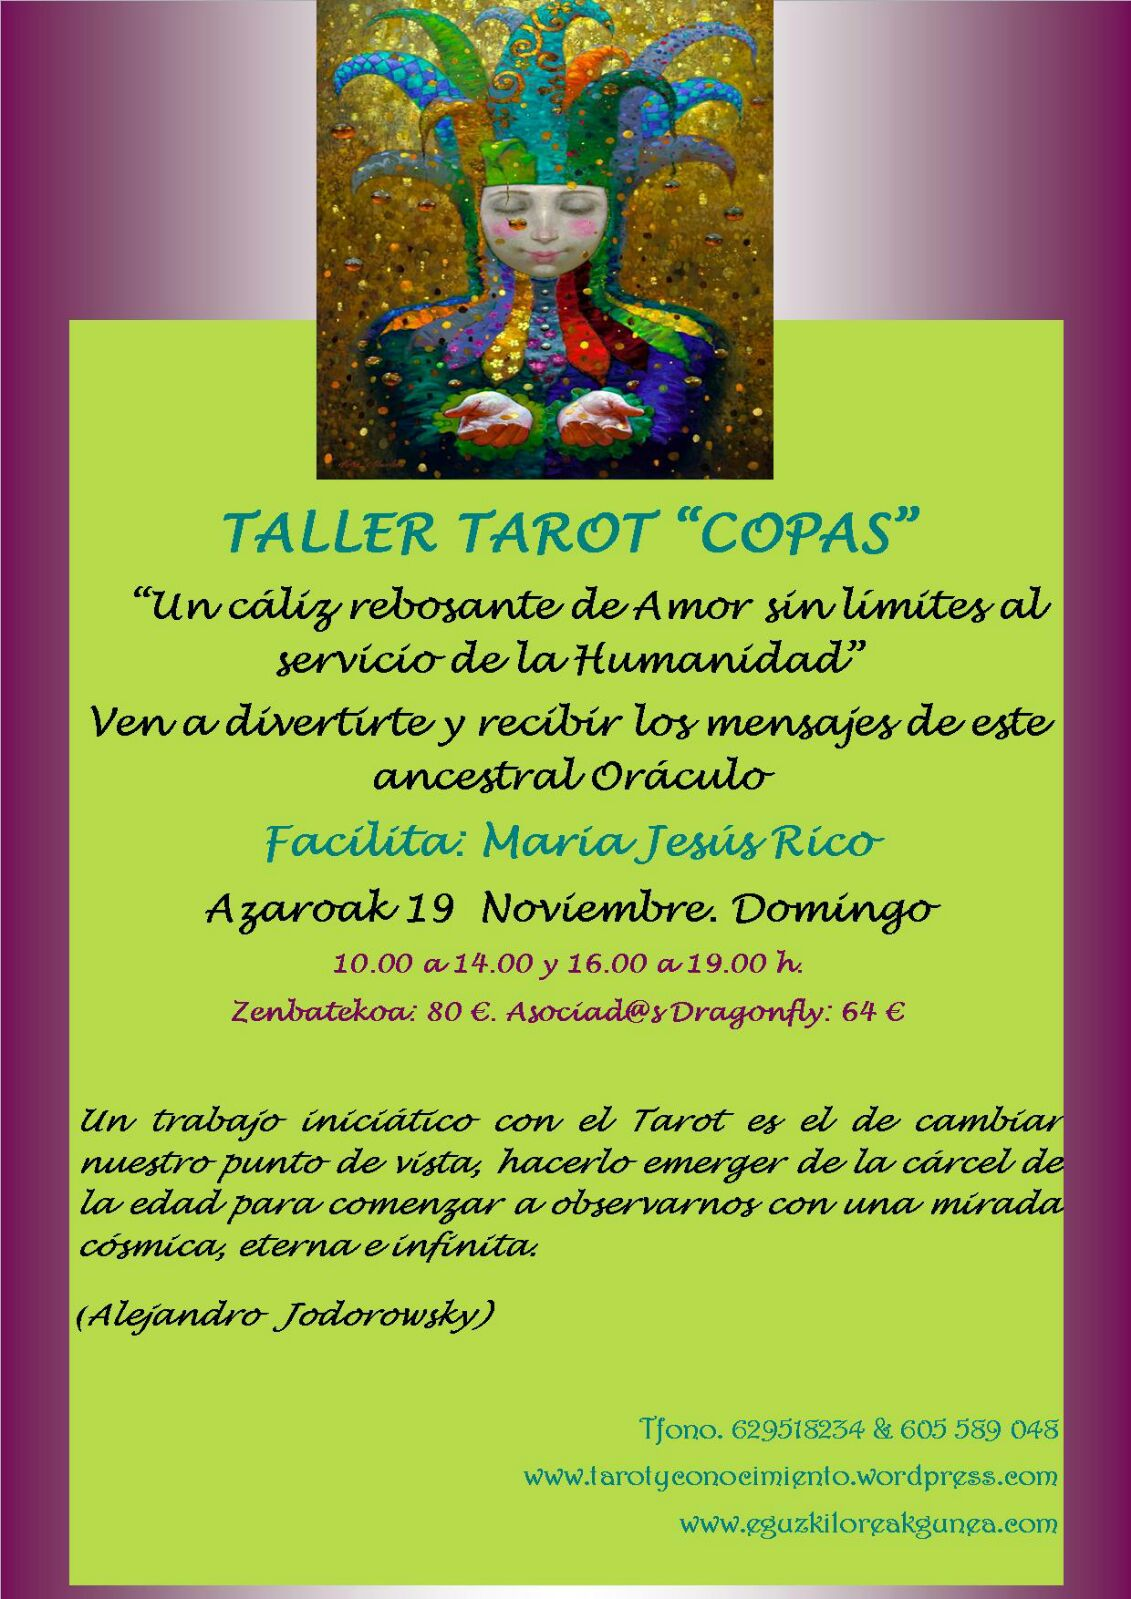 """TALLER DE TAROT """"COPAS"""" ESTE DOMINGO 19 DE NOVIEMBRE"""